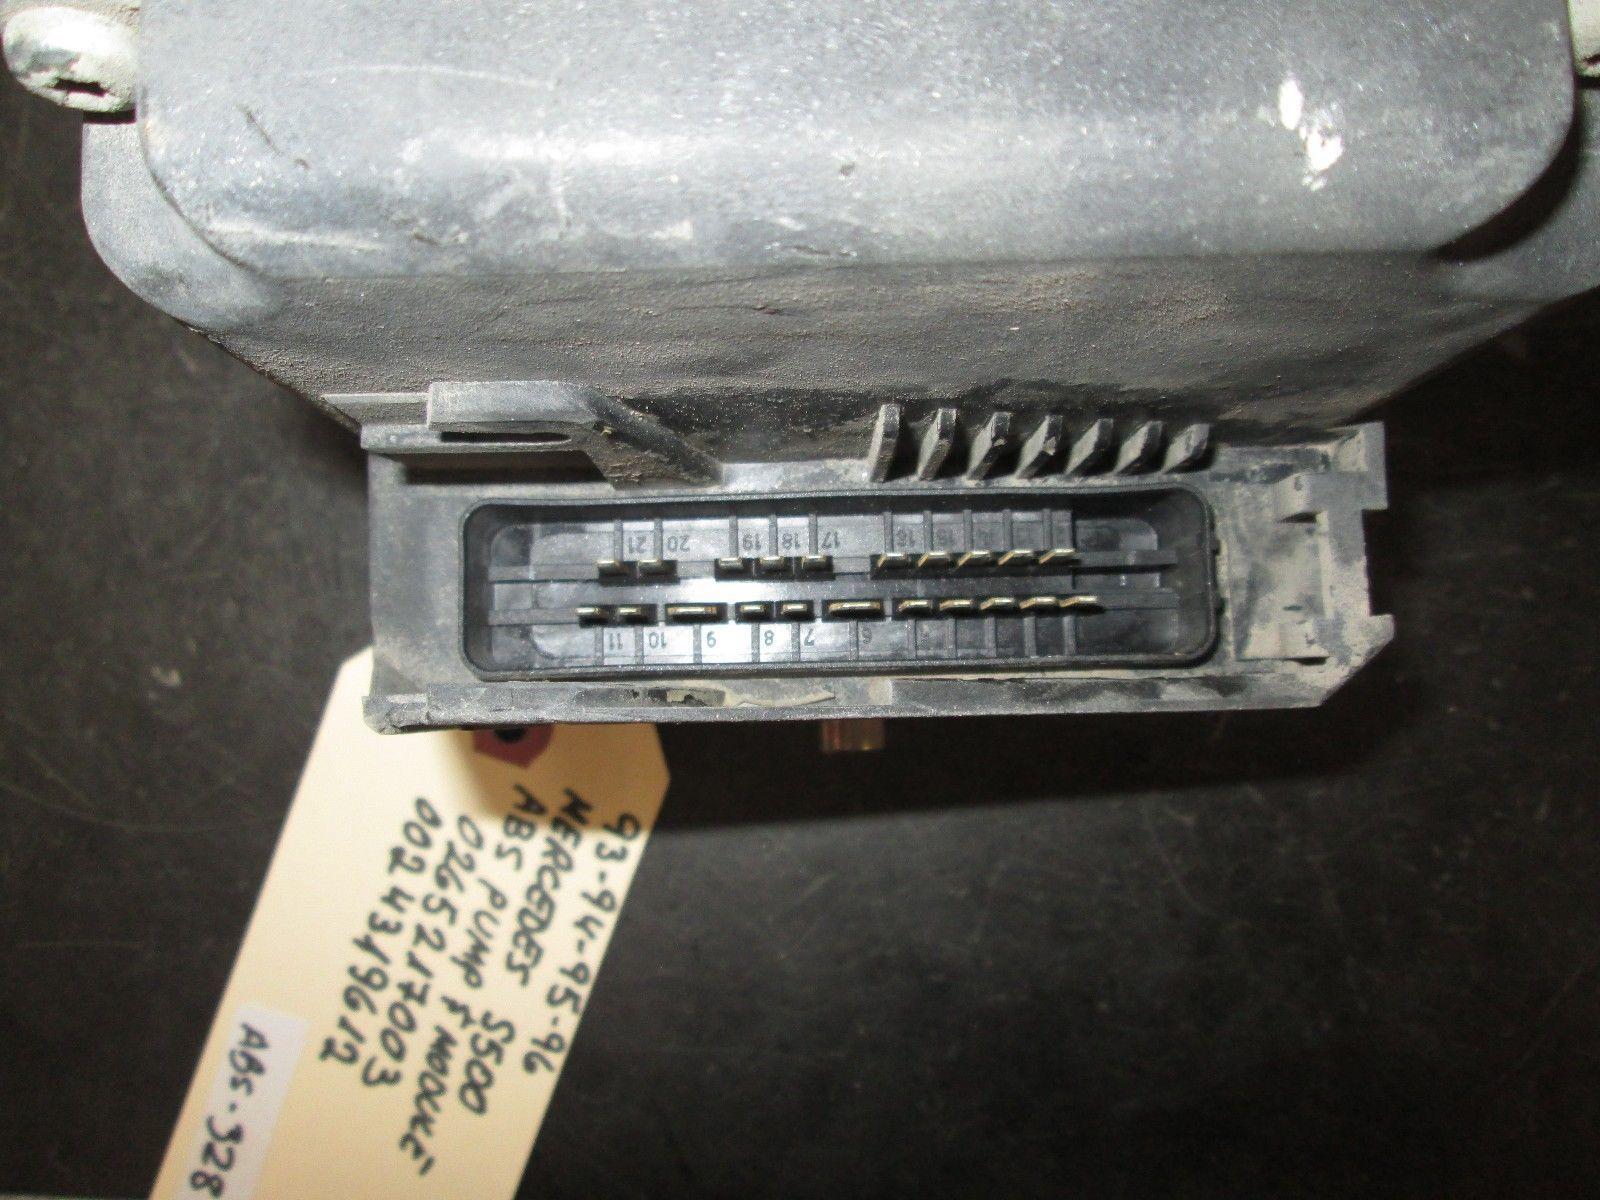 93 94 95 96 MERCEDES S500 ABS PUMP & MODULE #0265217003,0024319612